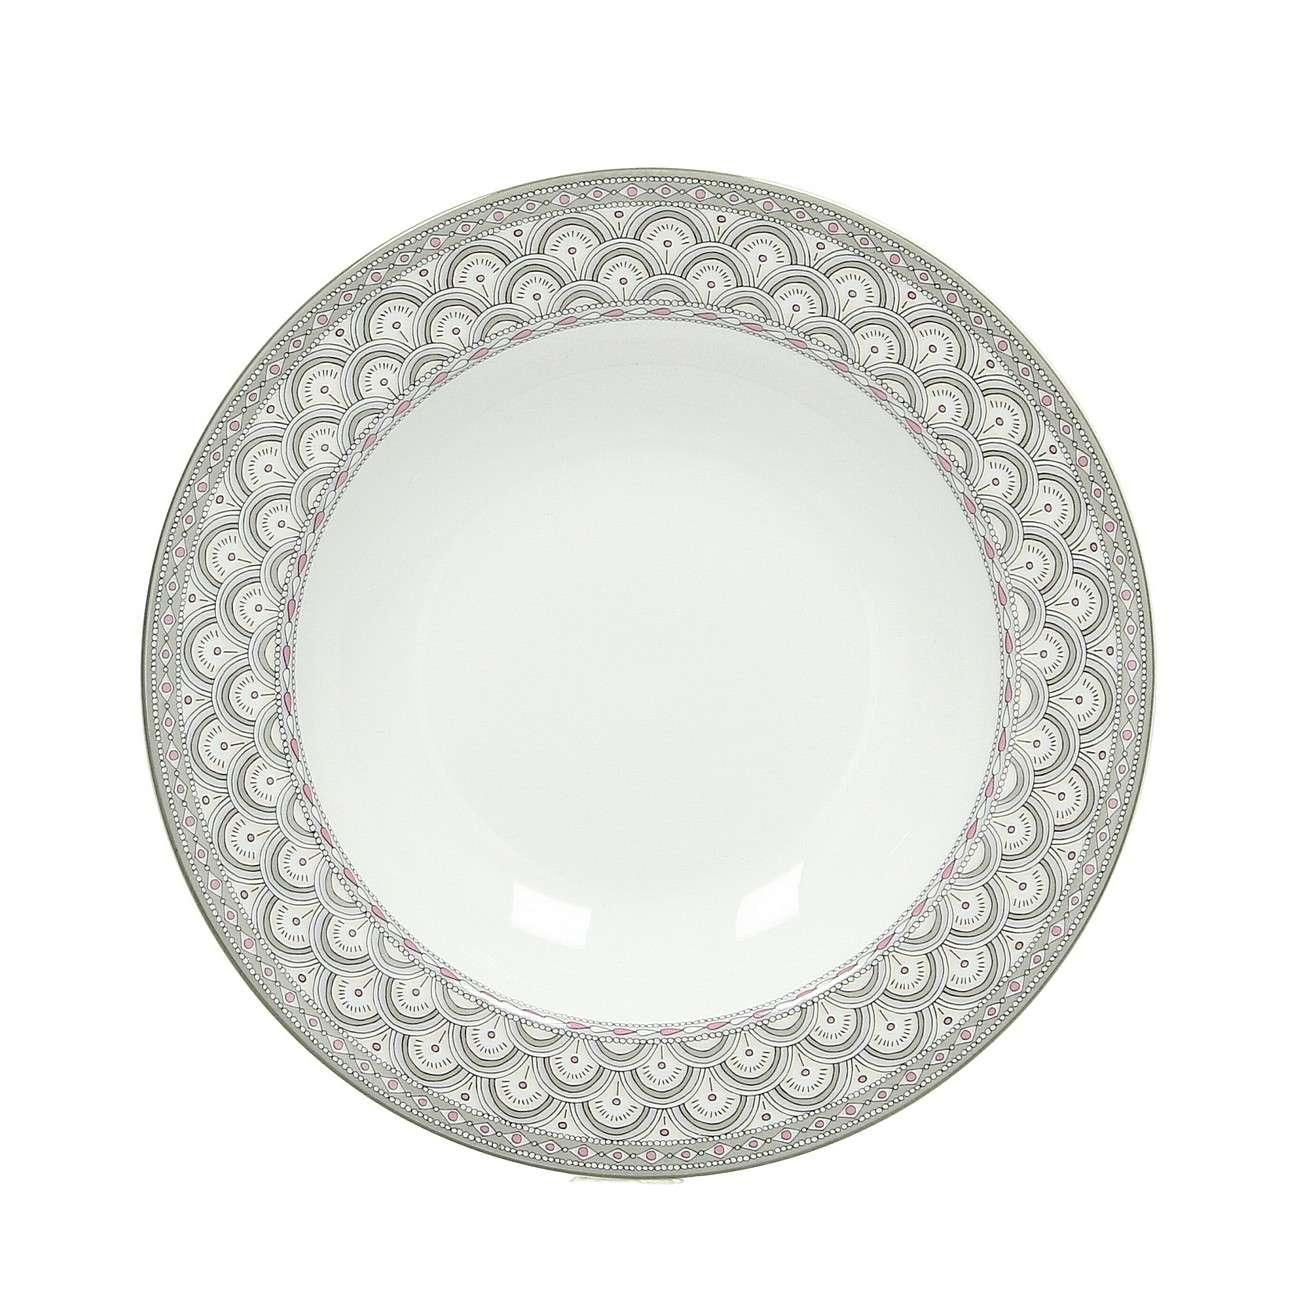 Hluboký talíř Romantic průměr 21 cm